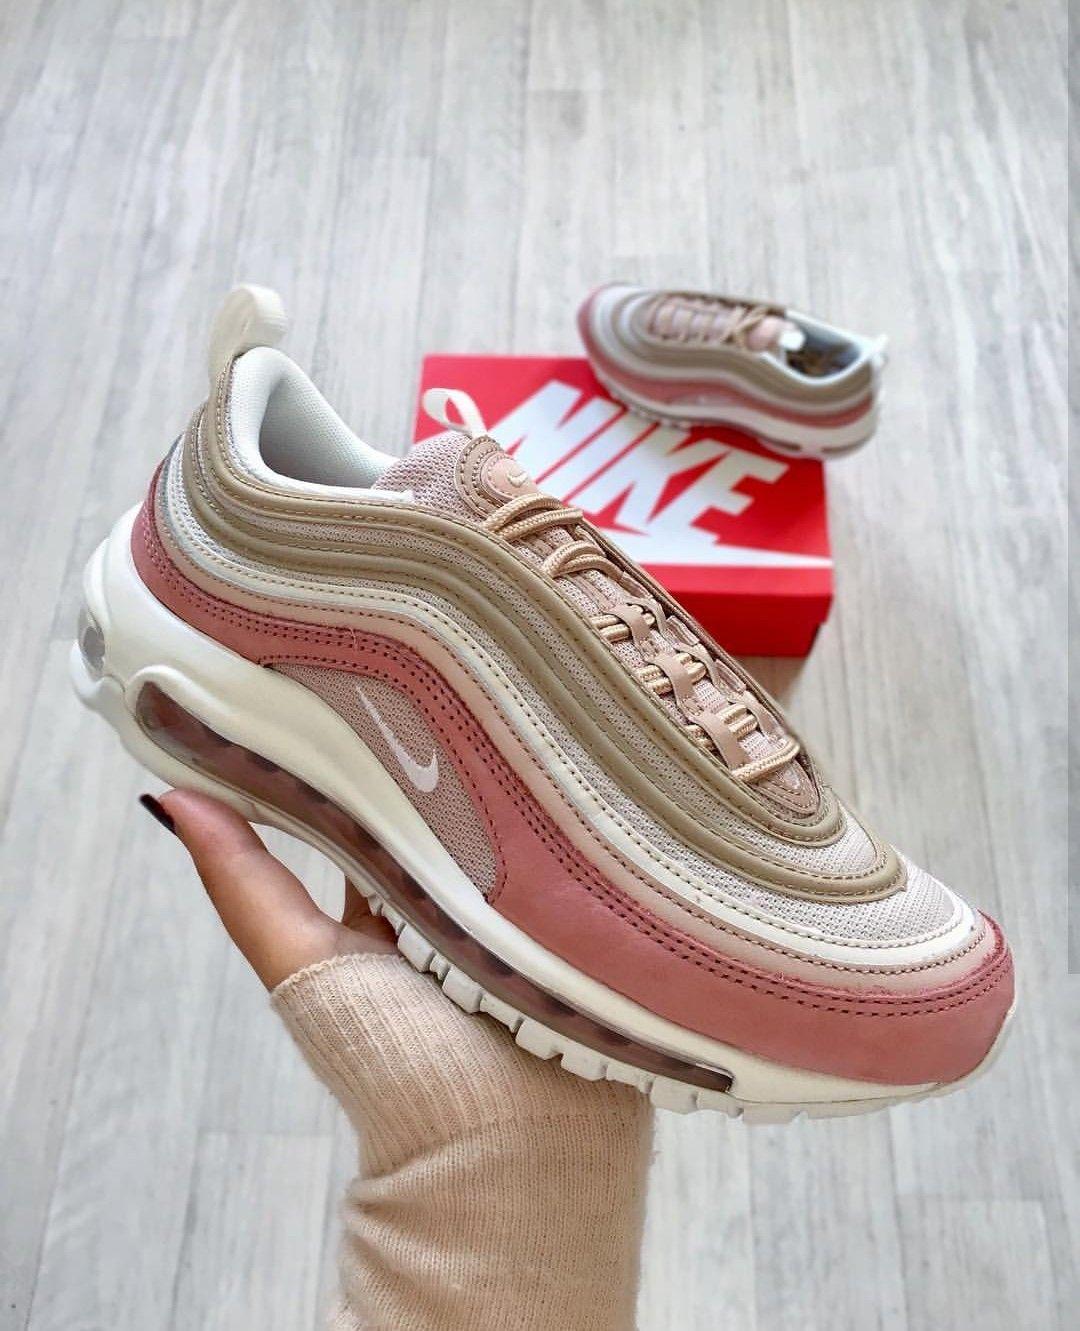 Astra 3 Colors Zapatos Nike Mujer Zapatos De Moda Zapatos Nike